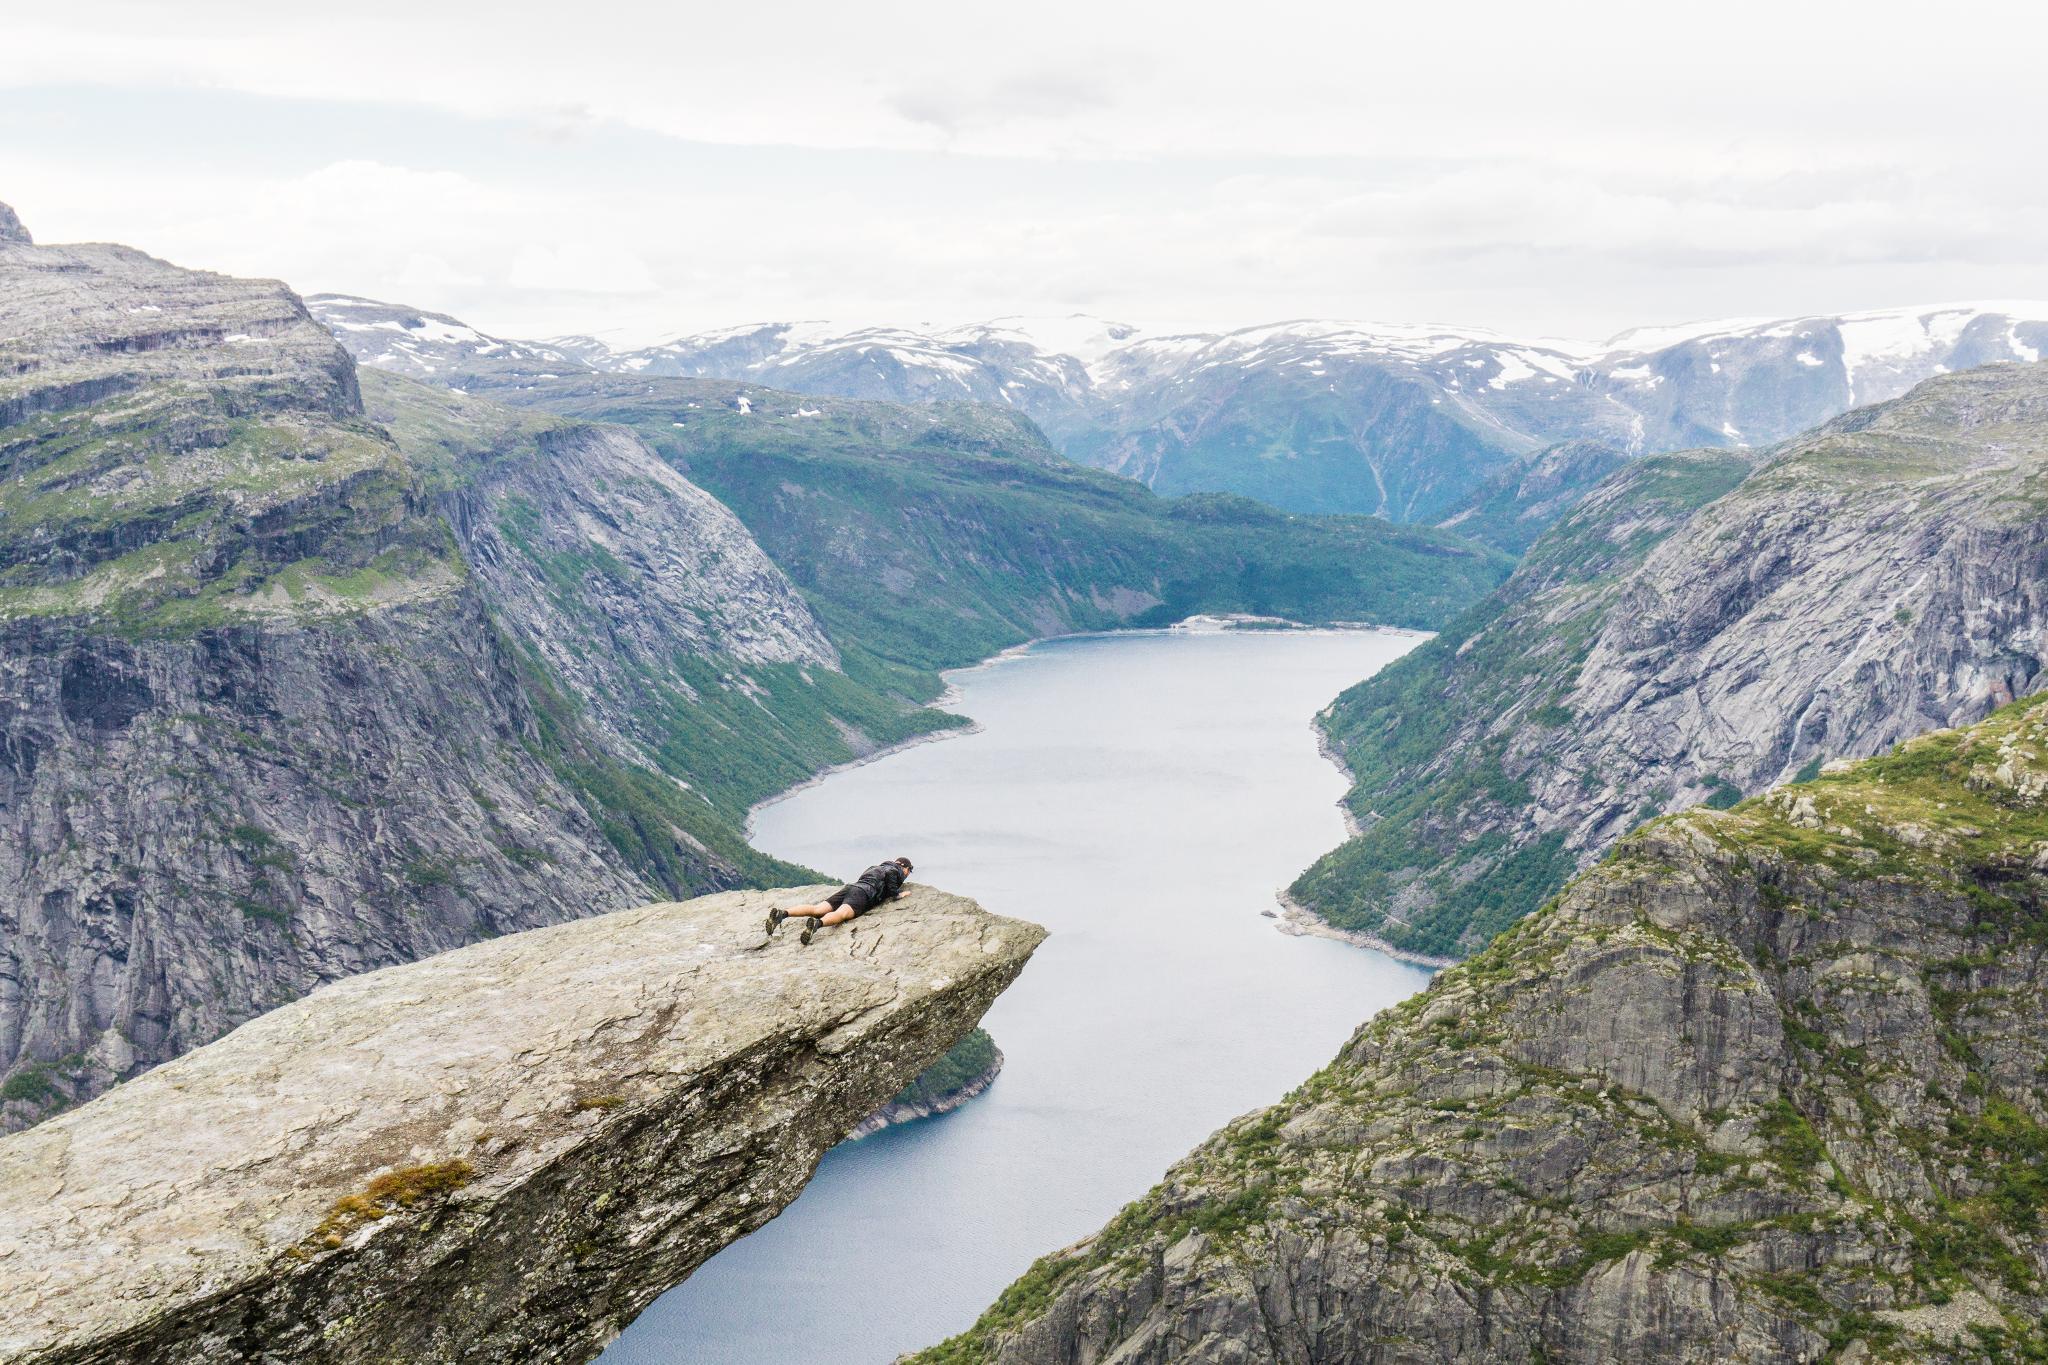 【北歐景點】挪威惡魔之舌 Trolltunga — 28公里健行挑戰全攻略 238